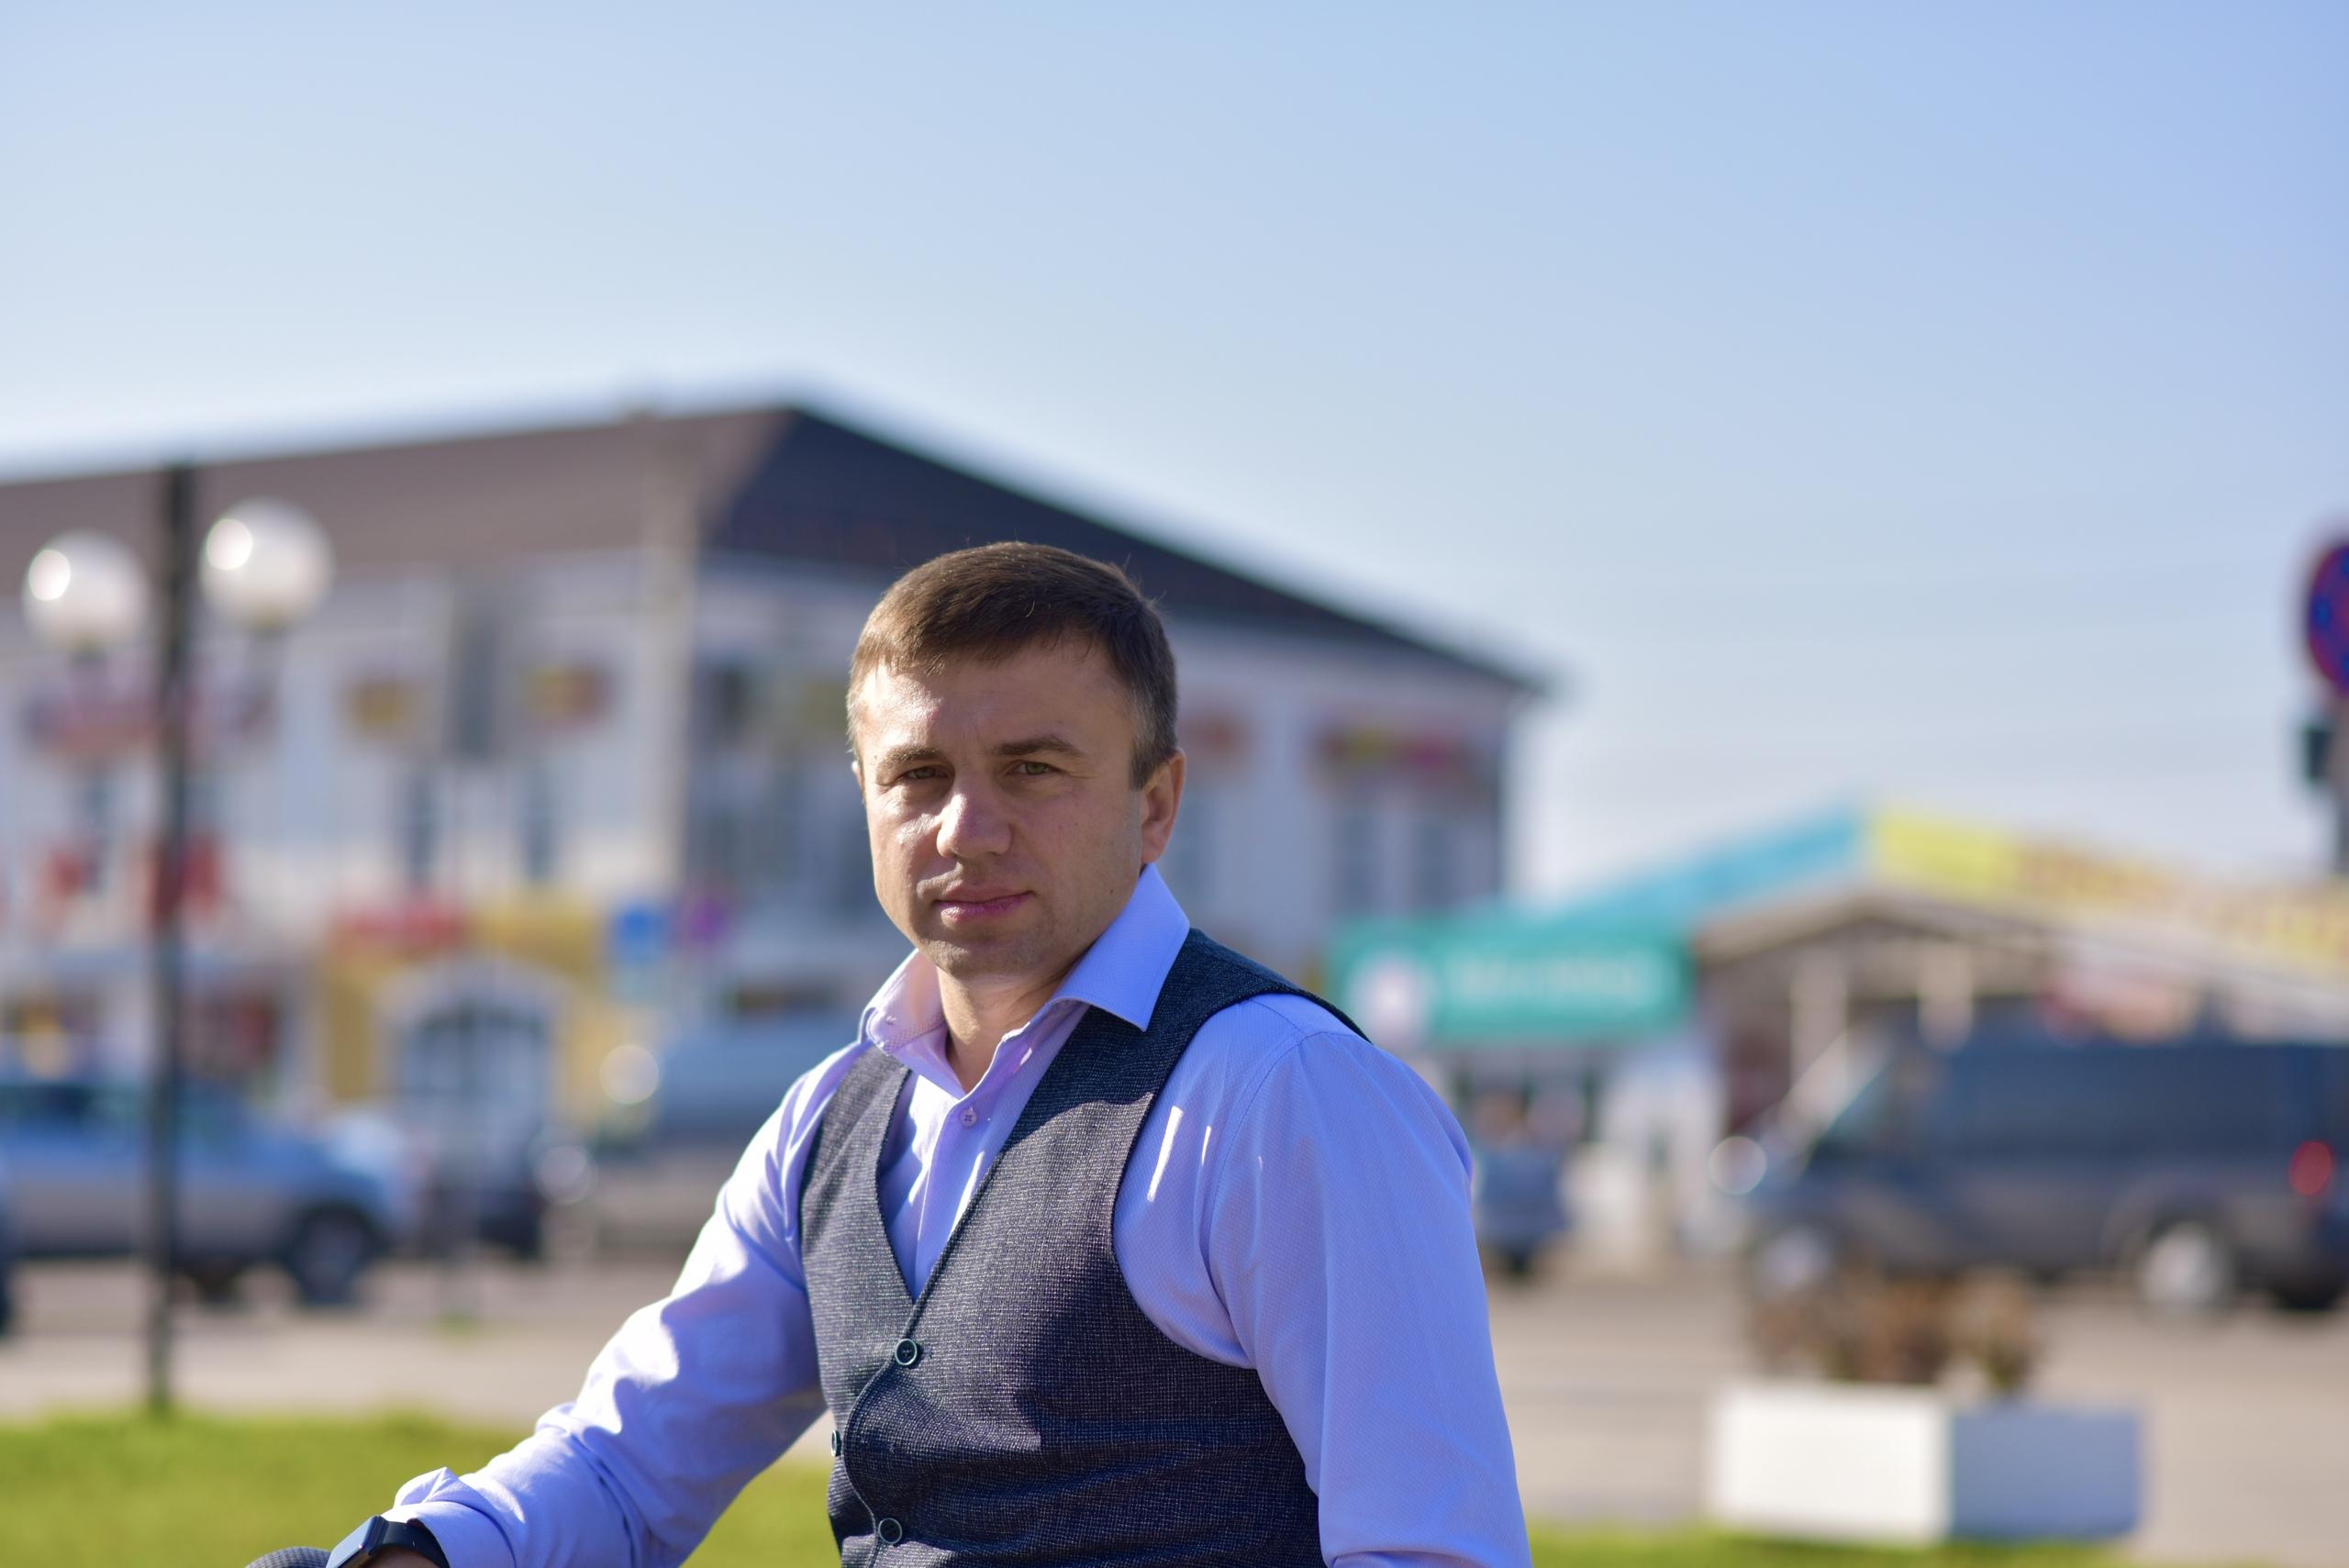 Андрей Николашкин: истоки праздника 4 ноября восходят ко временам давних драматических событий